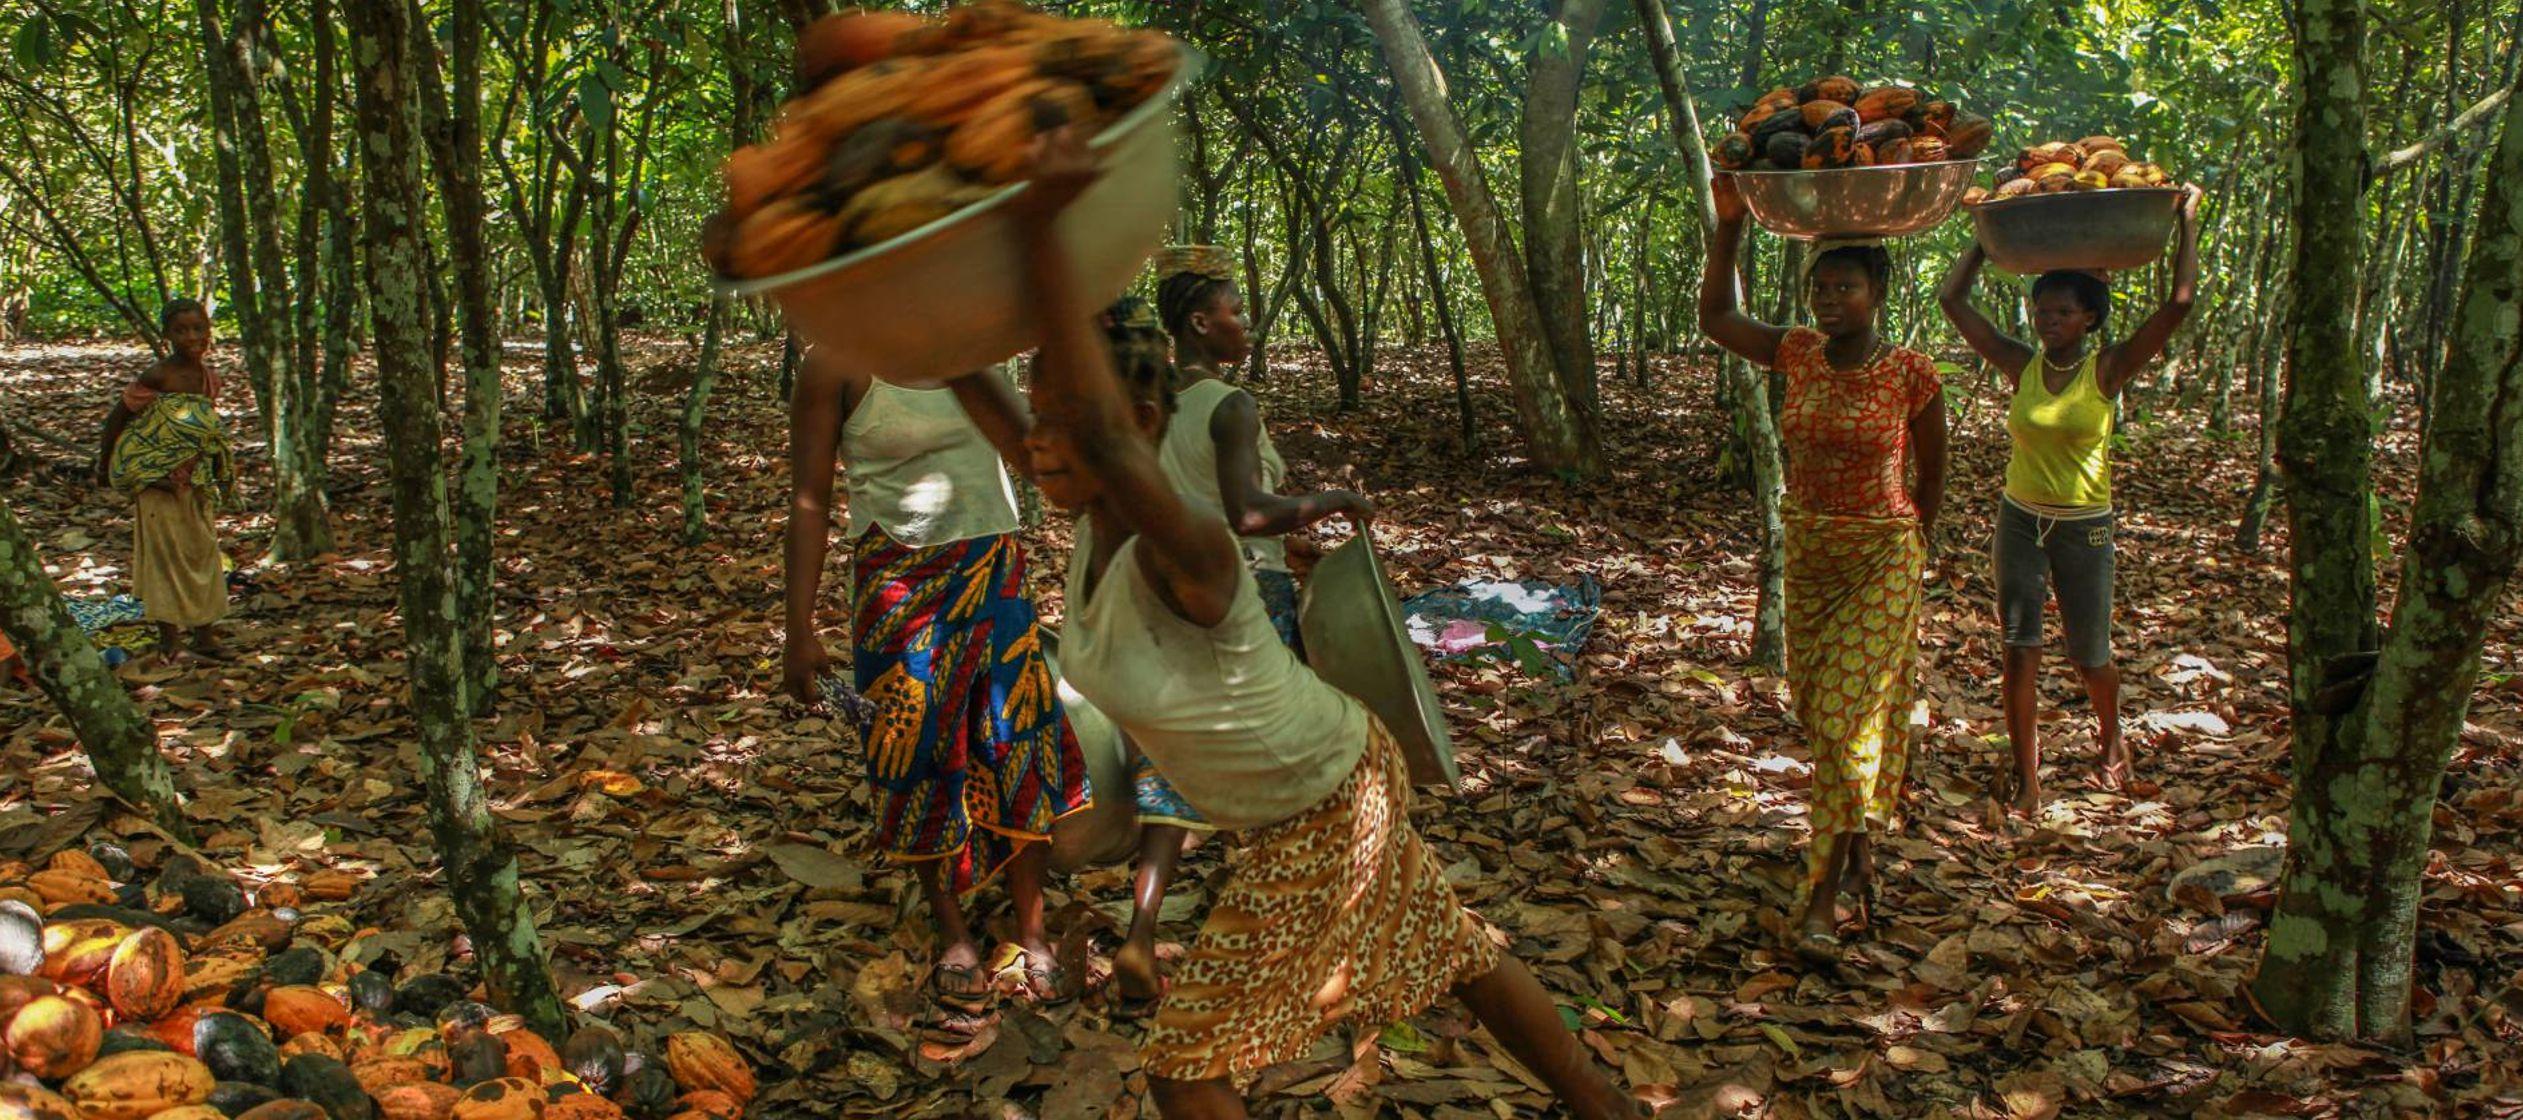 La industria chocolatera arrasa con los bosques de Costa de Marfil, según el informe de una ONG